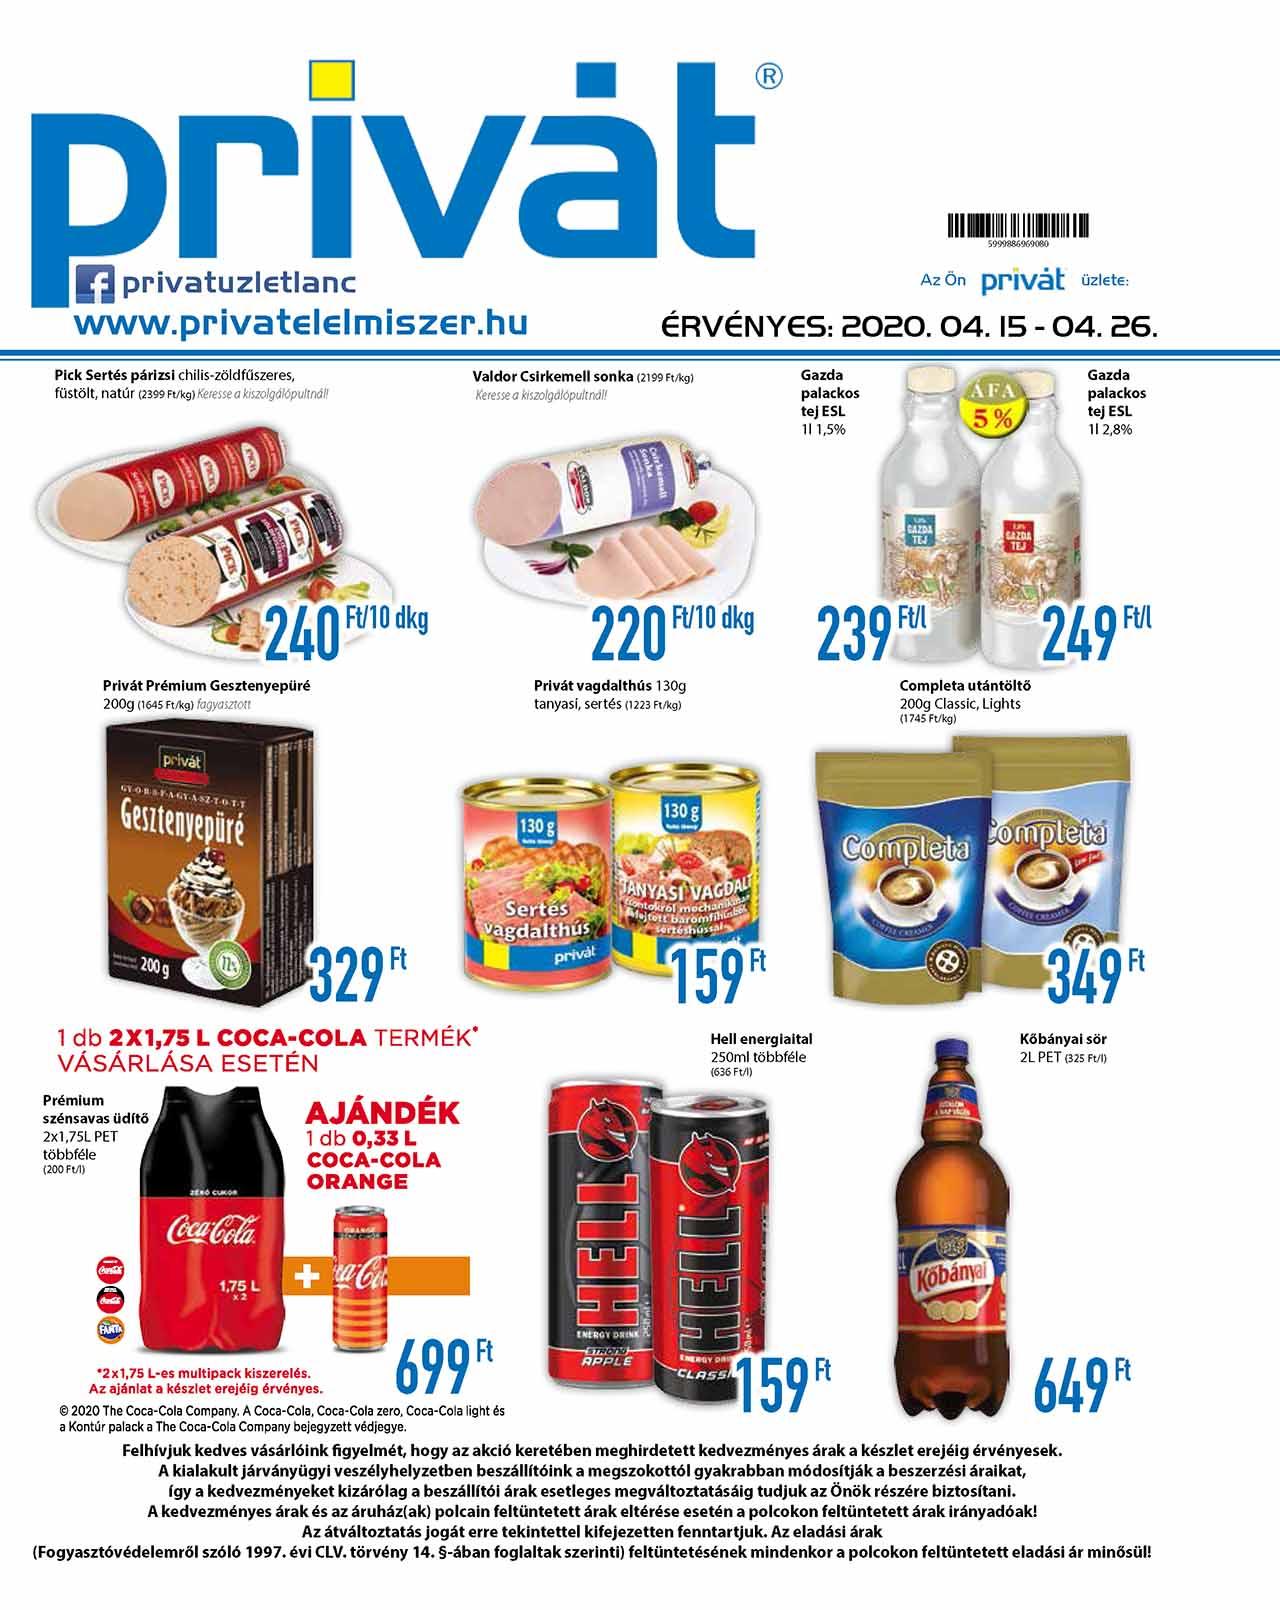 Privát Élelmiszer akciós újság 2020. 04.15-04.26